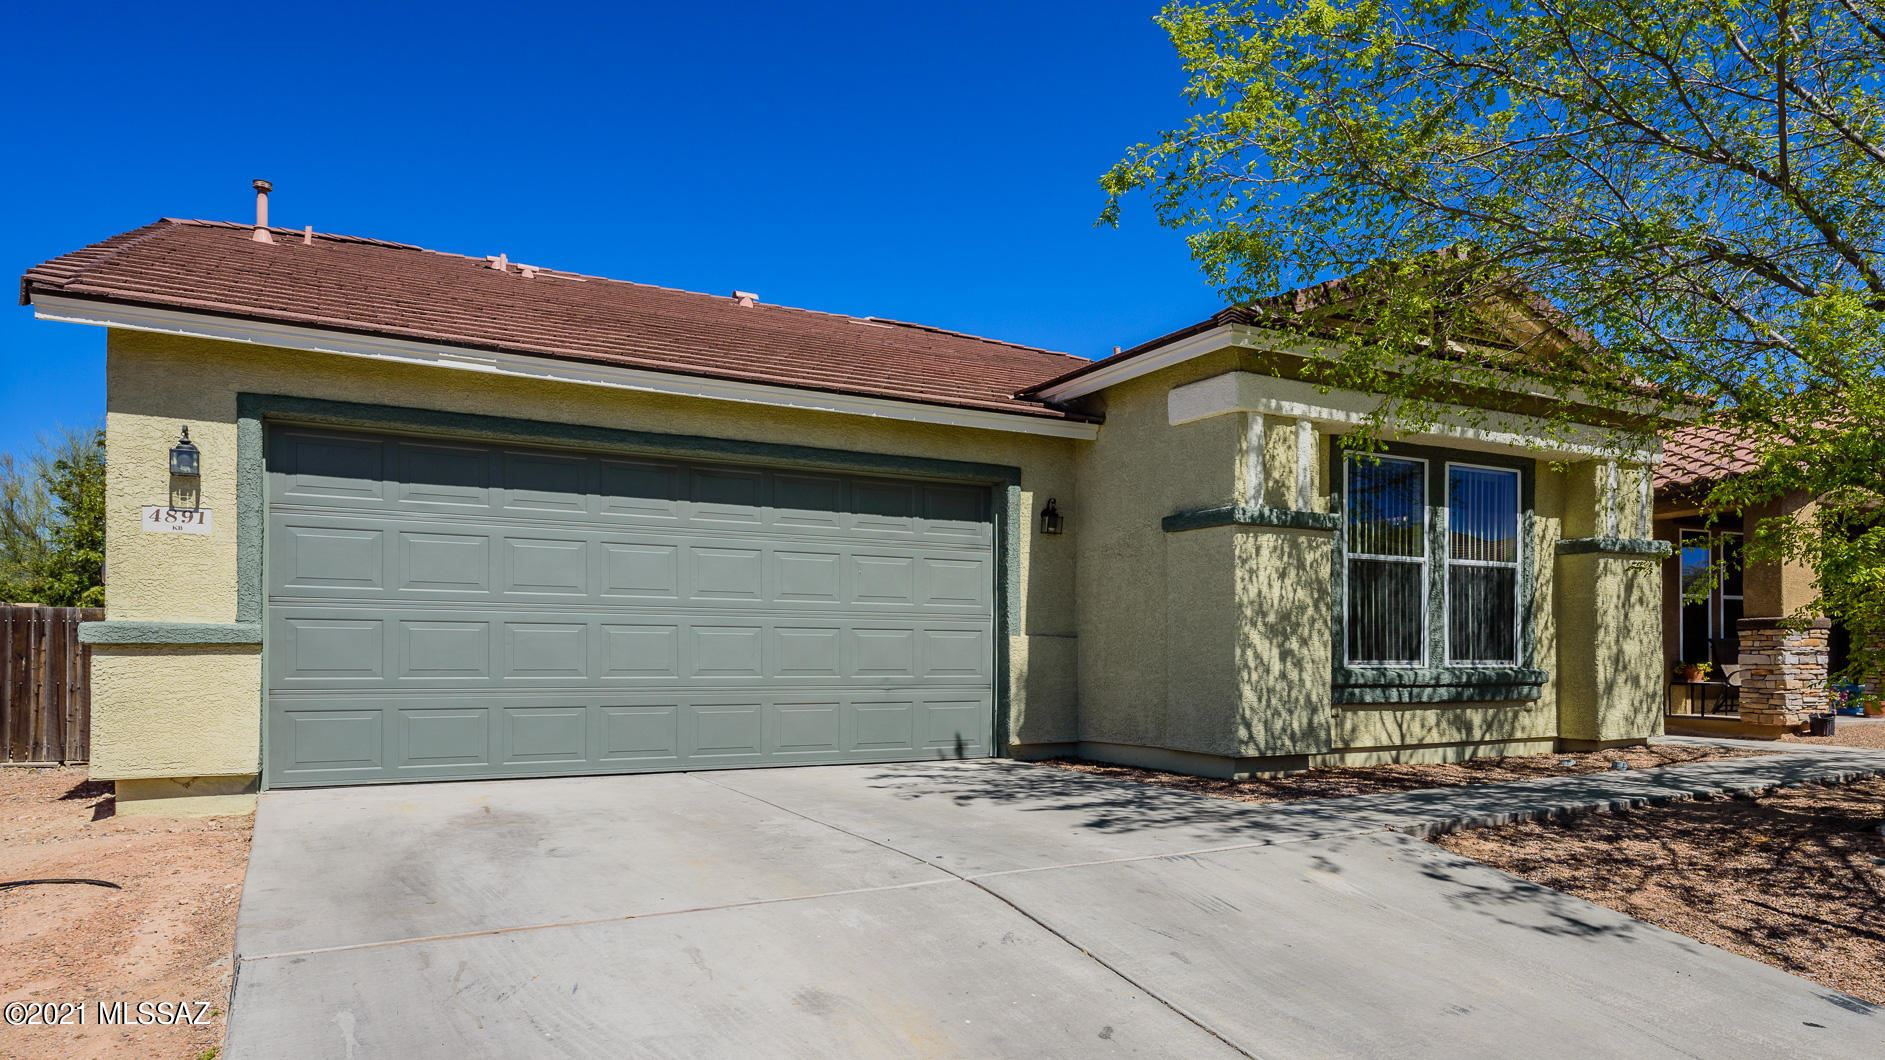 4891 E Chickweed Drive, Tucson, AZ 85756 - #: 22119170